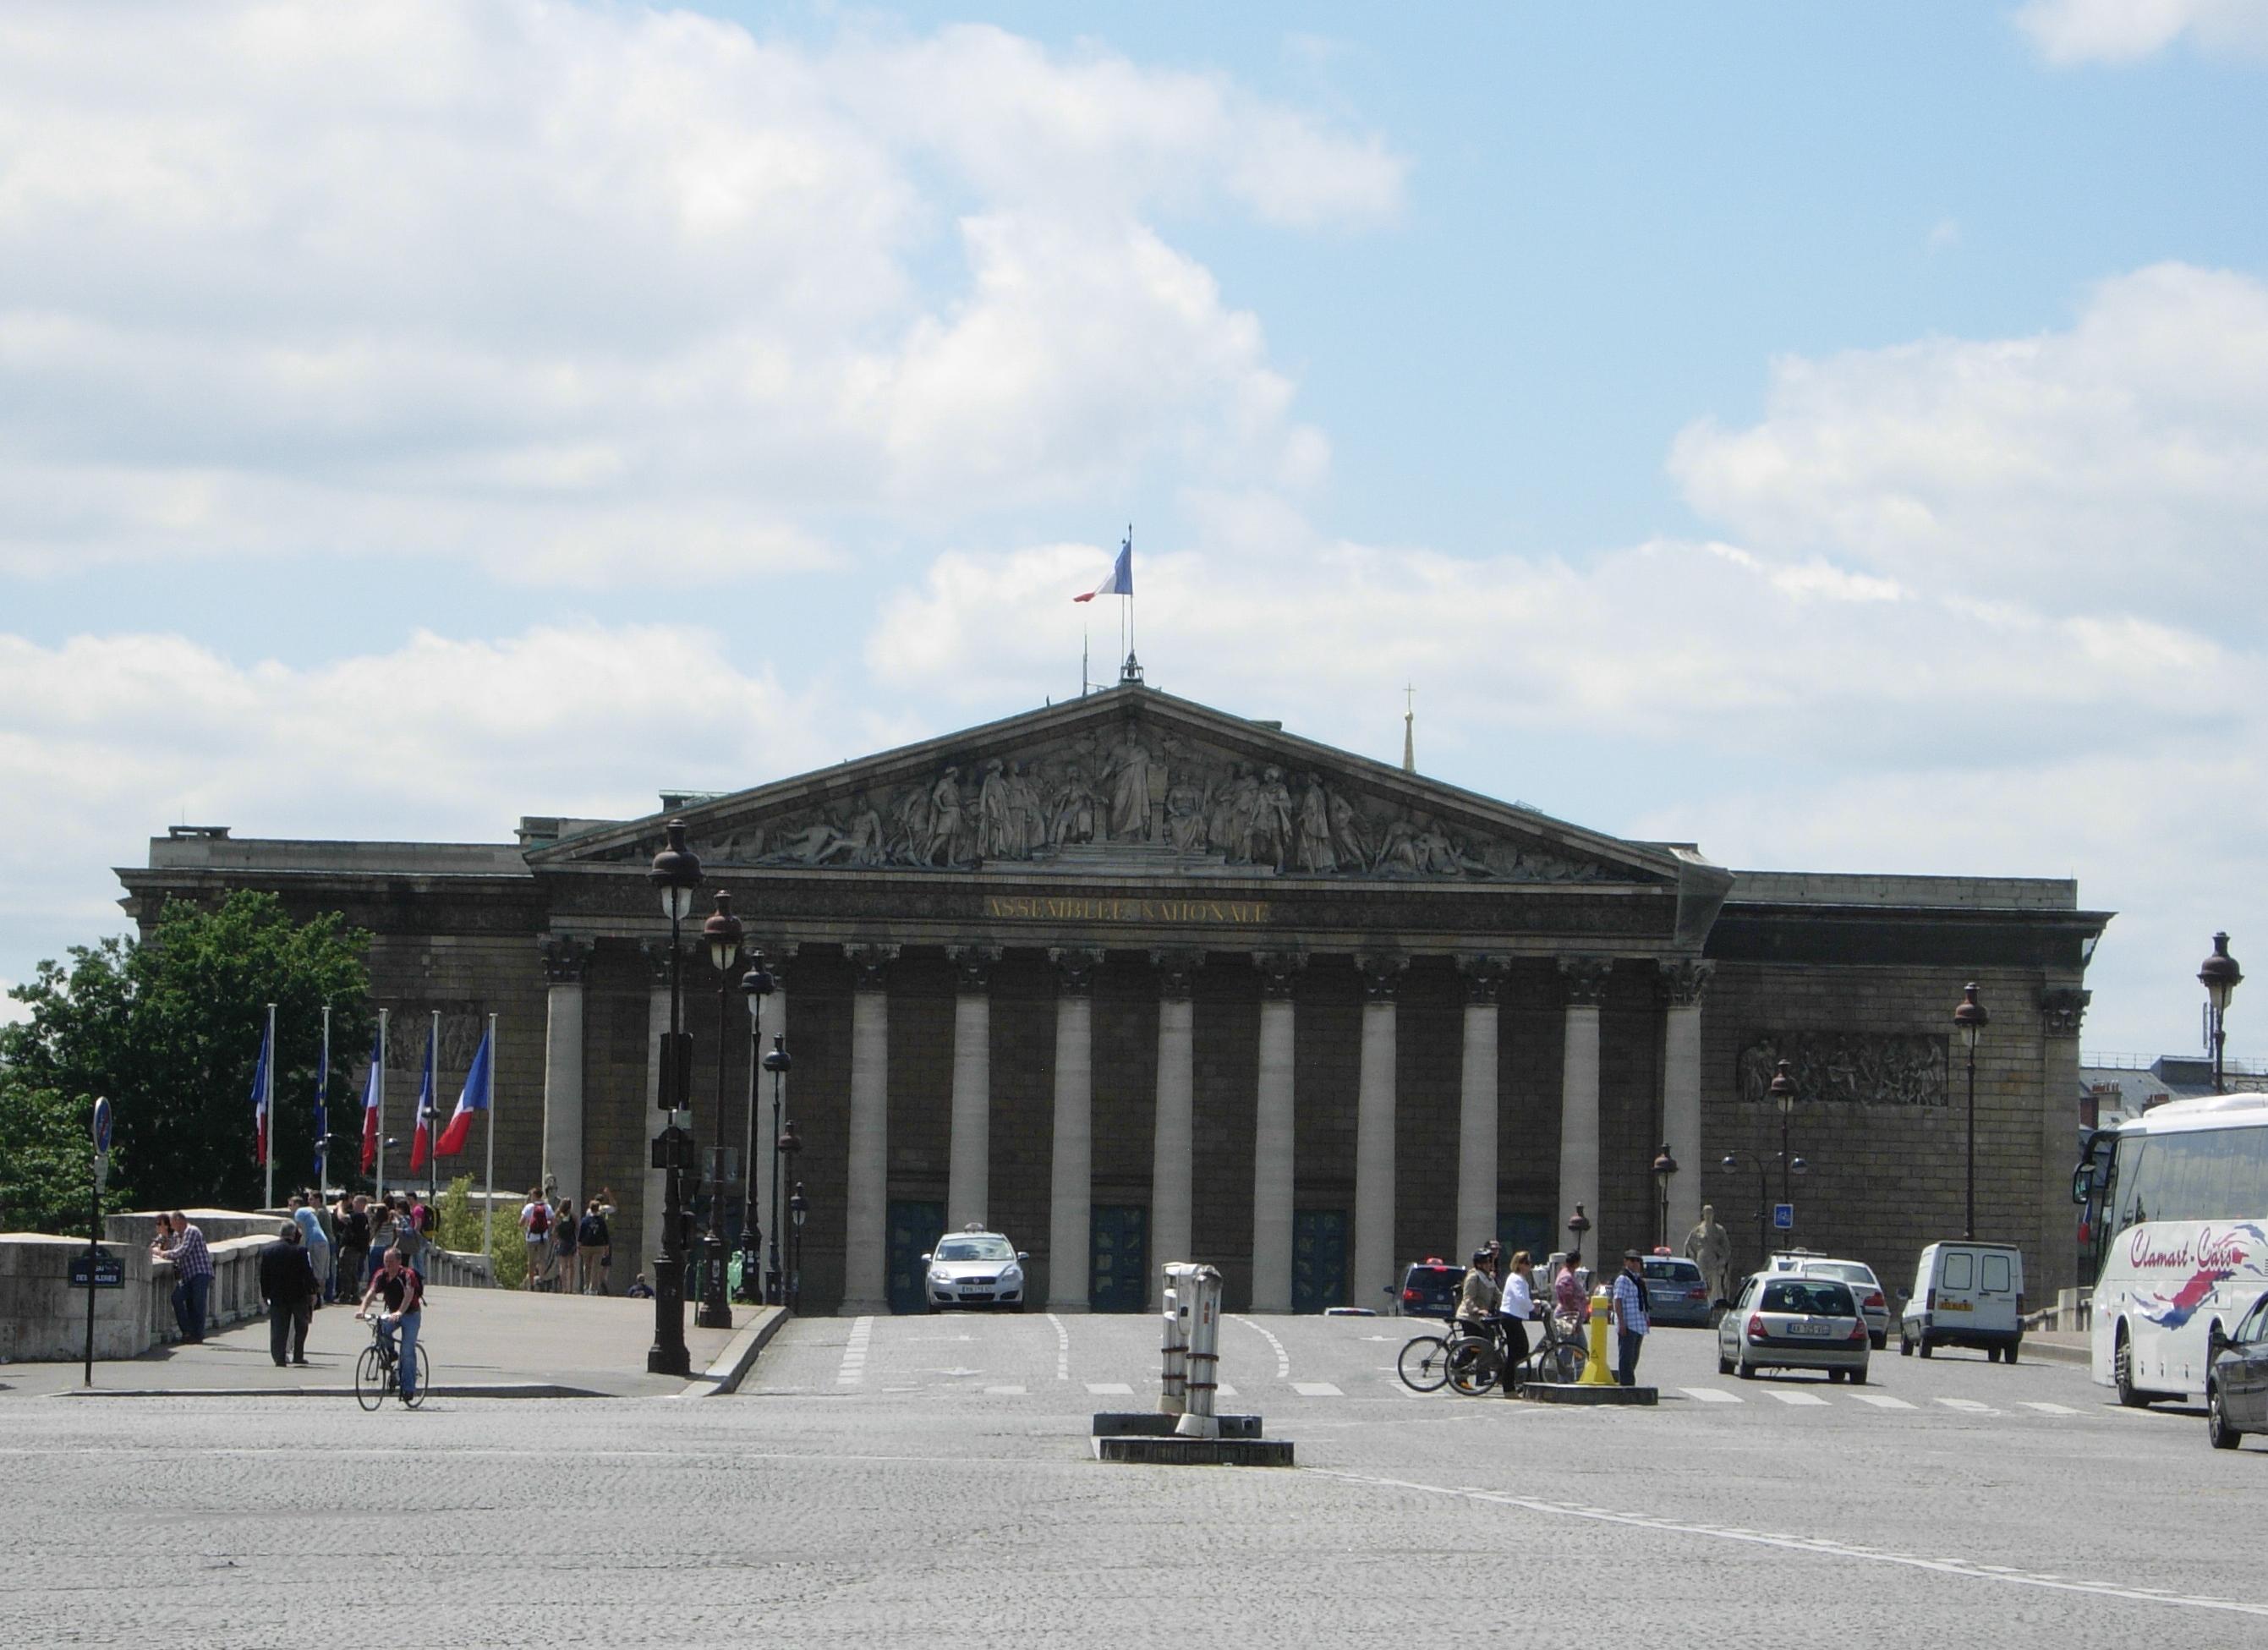 文化巴黎的魅力——卢浮宫、凯旋门……_图1-18